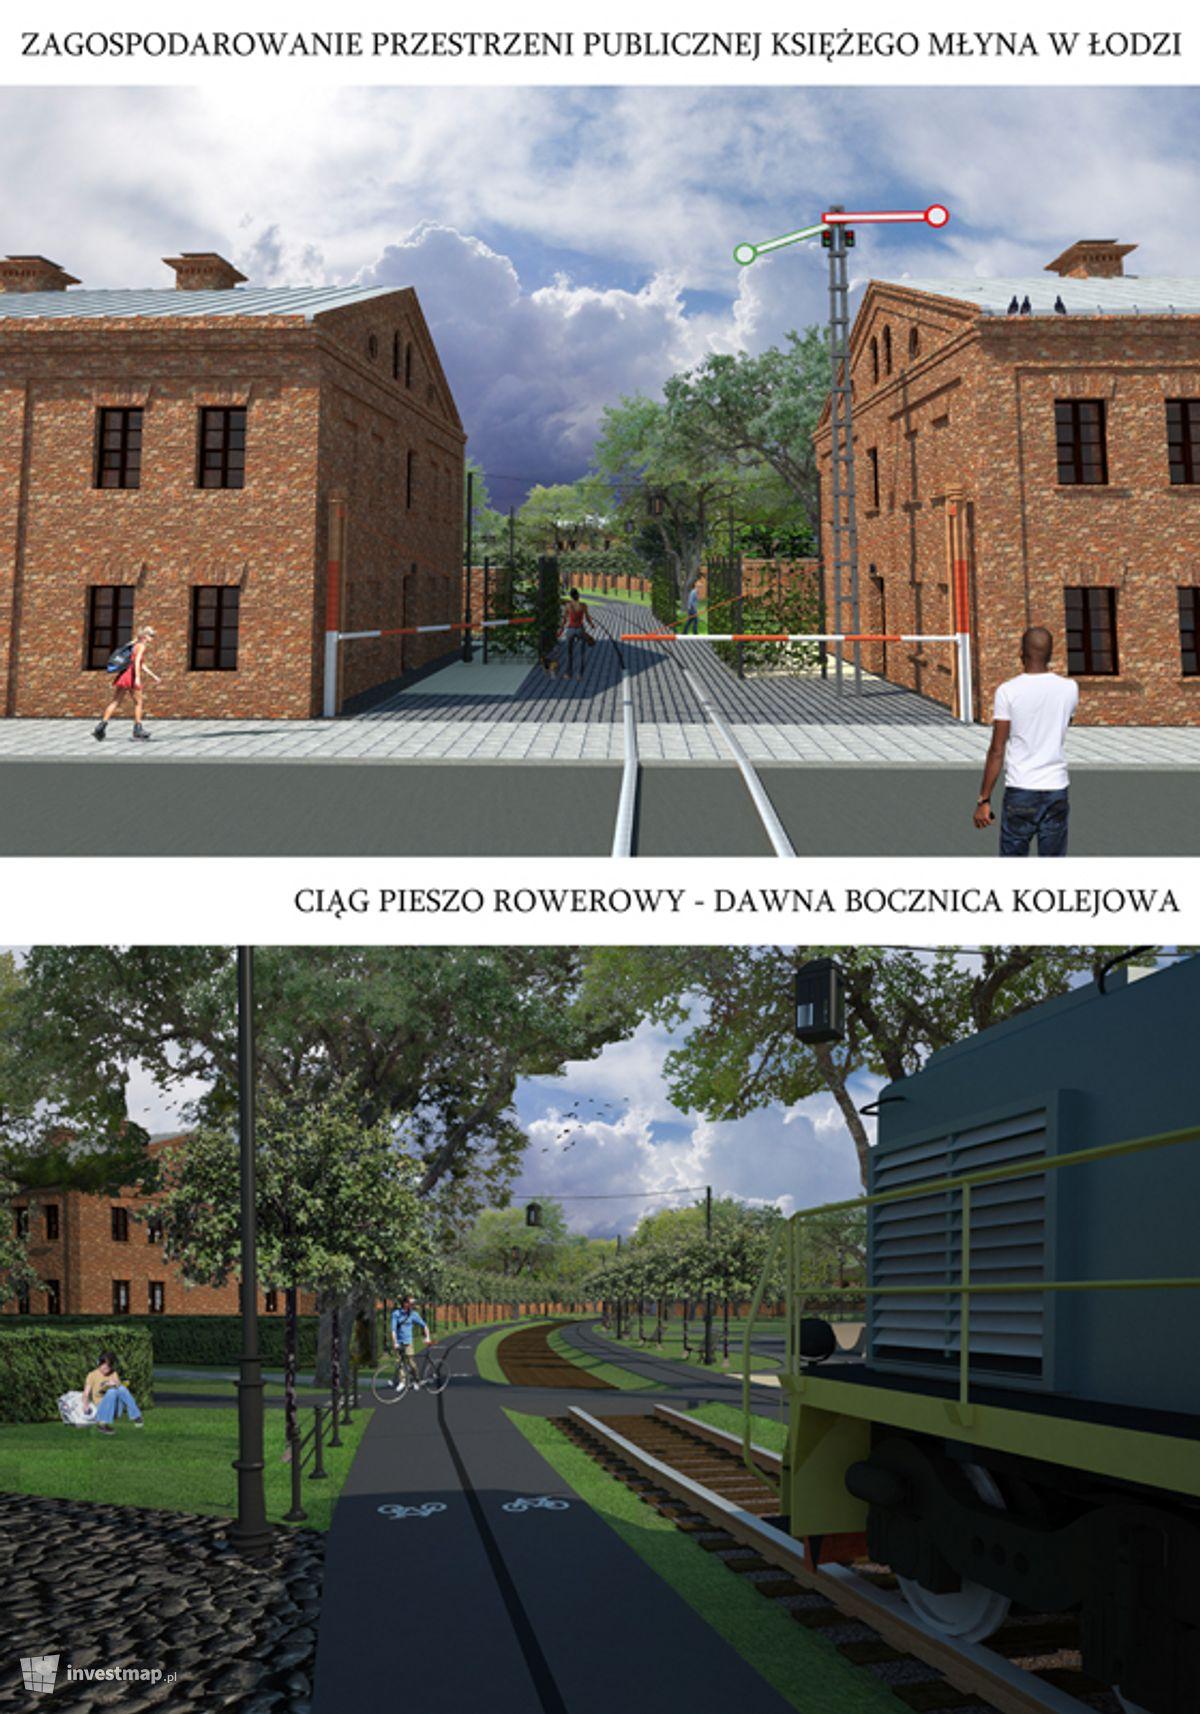 Wizualizacja Rewitalizacja zabytkowej XIX wiecznej fabryki Karola Scheiblera (Księży Młyn) dodał Kajtman